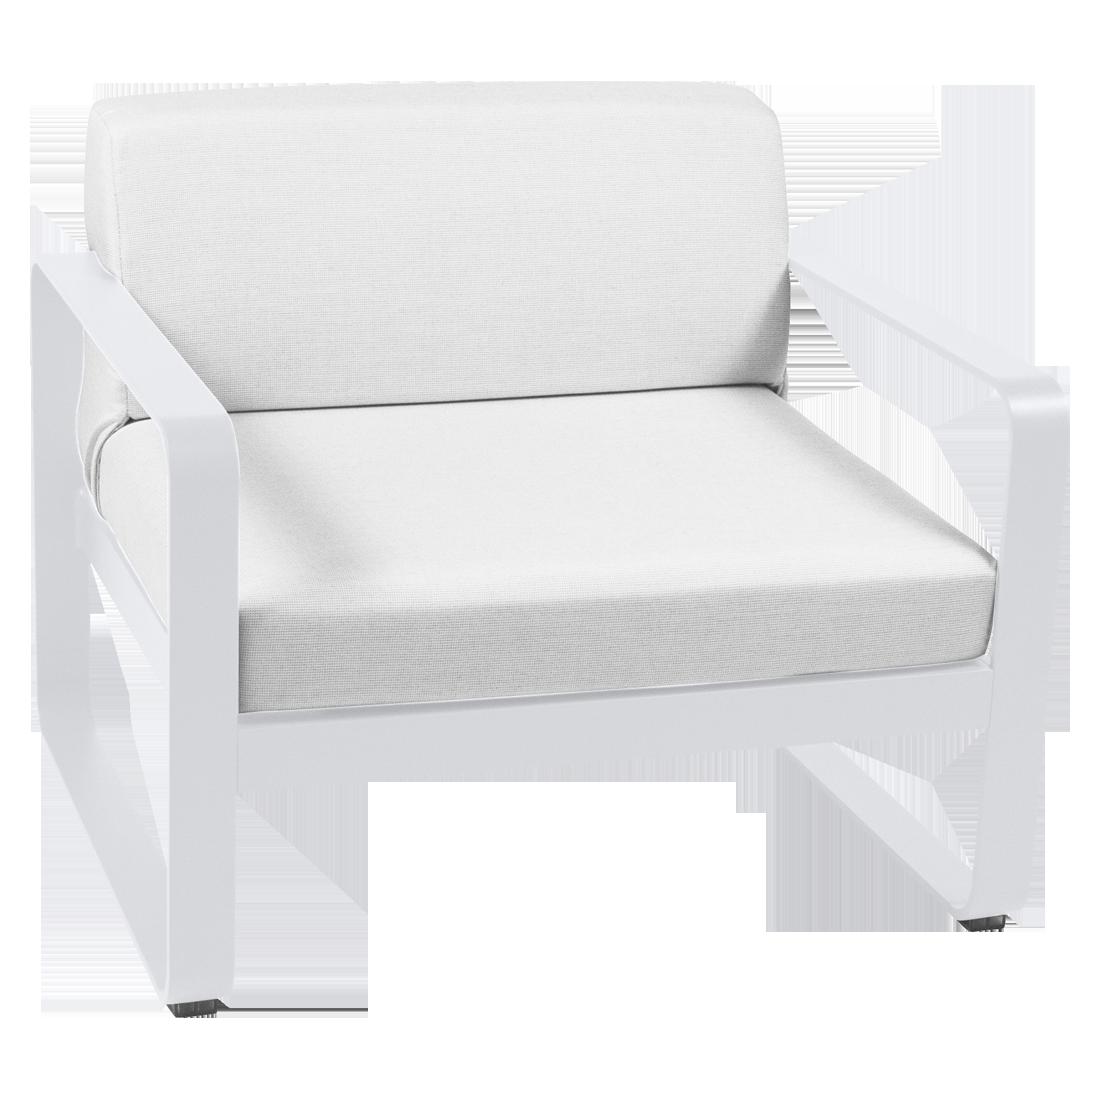 fauteuil de jardin blanc, fauteuil de jardin fermob